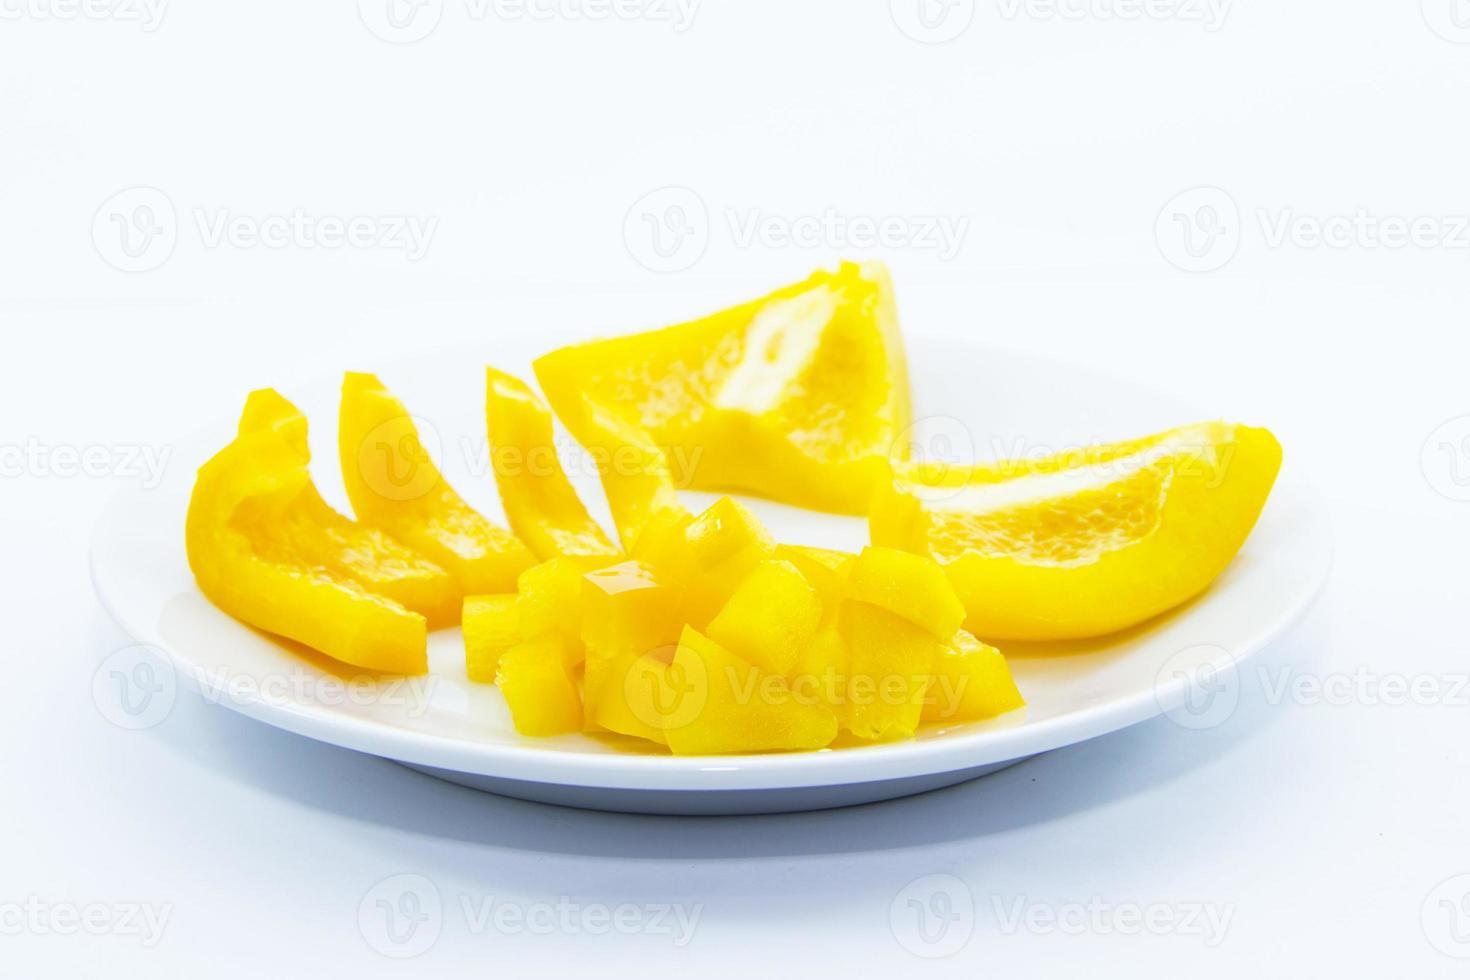 ingrediente de pimentão amarelo fatiado e picado foto